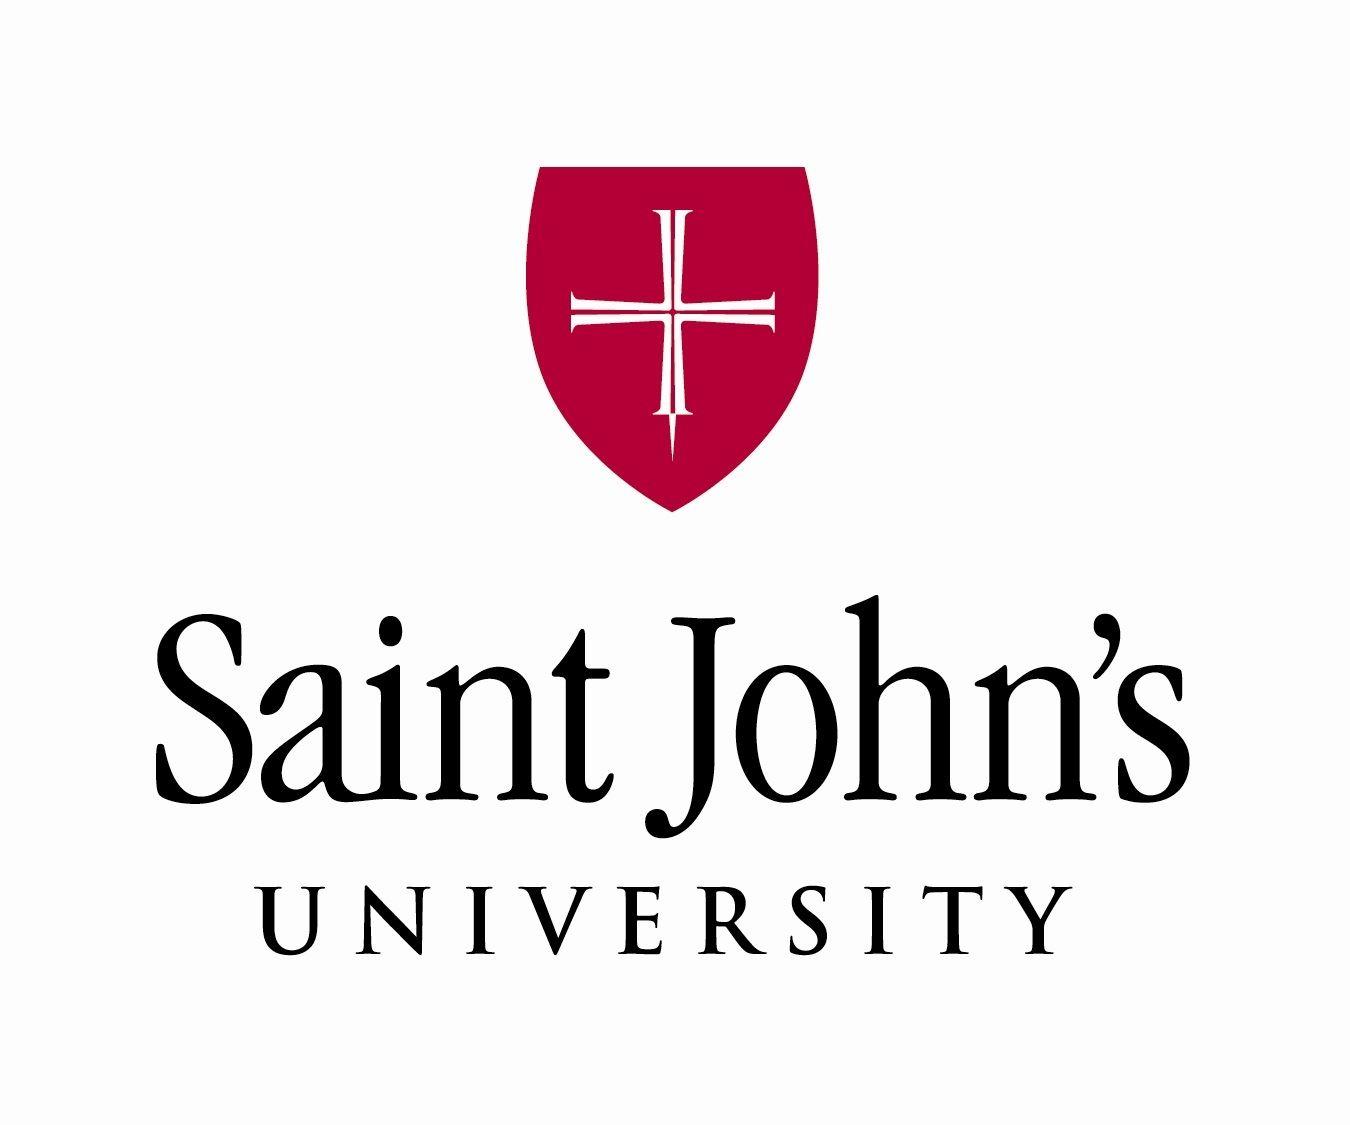 Saint John's University - Mens Varsity Ice Hockey